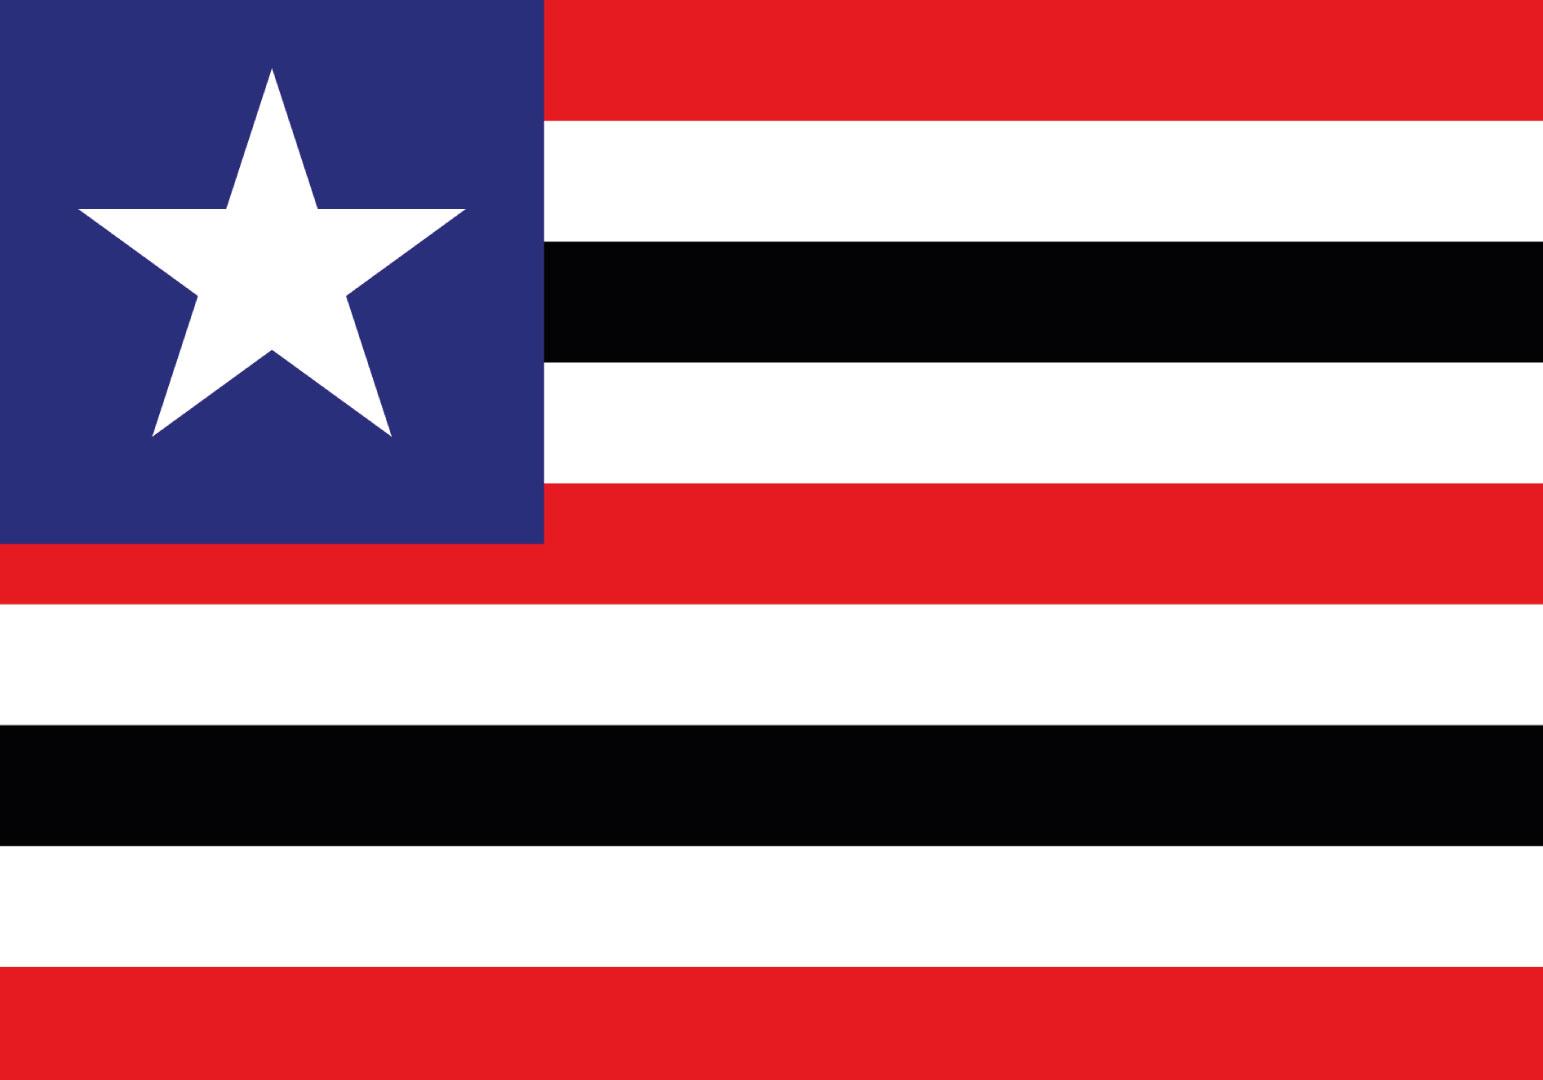 Sindicato dos C.F.C.s do Estado do Maranhão